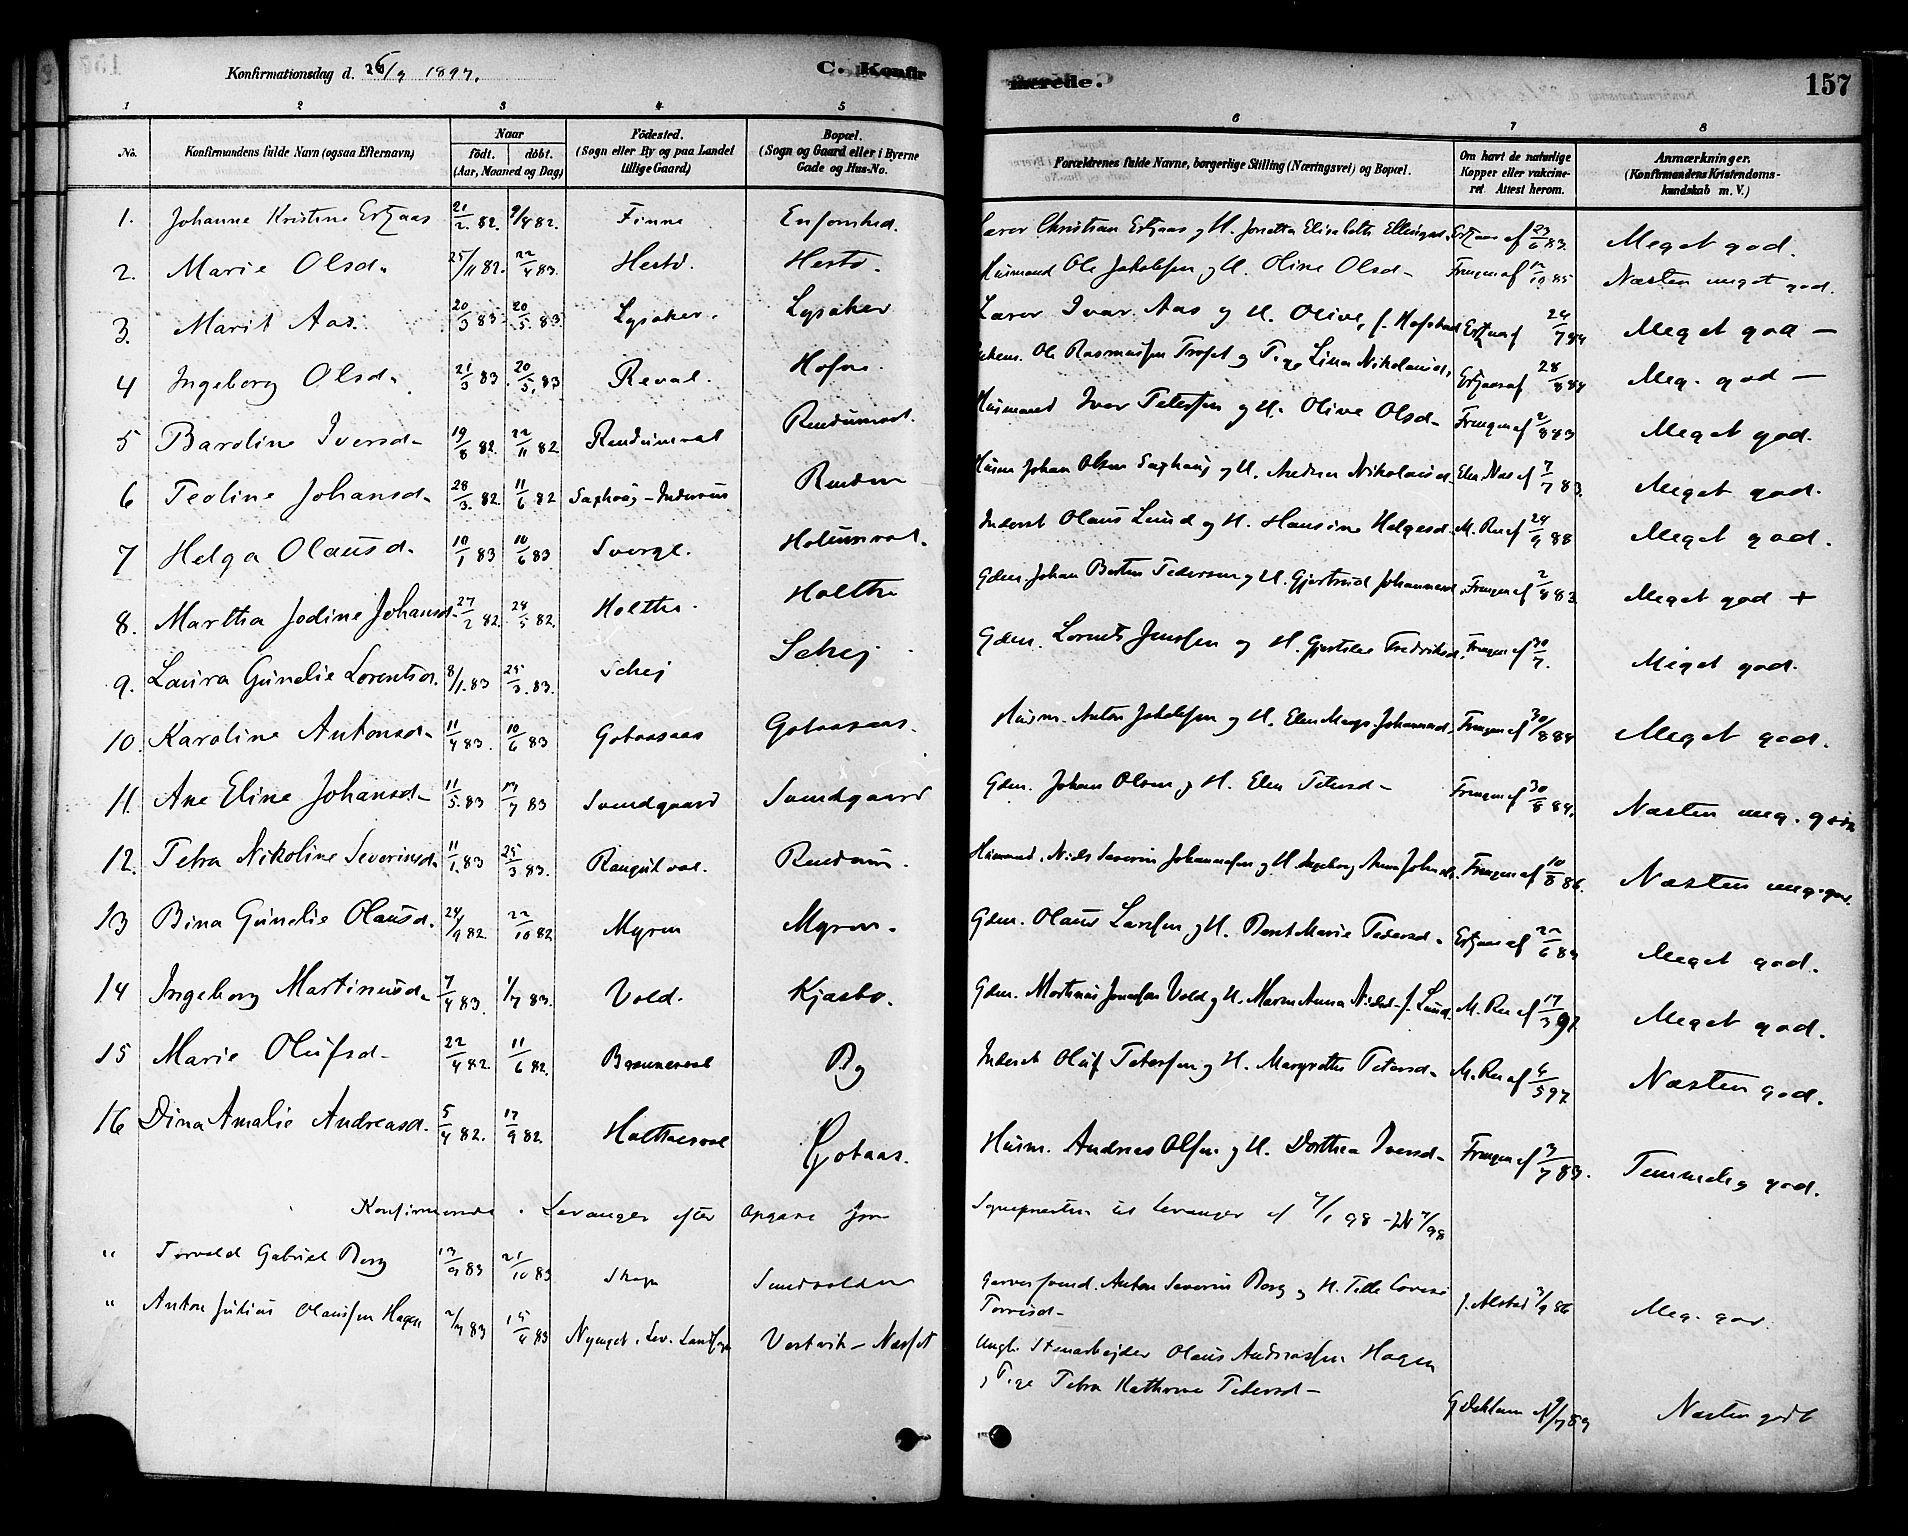 SAT, Ministerialprotokoller, klokkerbøker og fødselsregistre - Nord-Trøndelag, 717/L0159: Ministerialbok nr. 717A09, 1878-1898, s. 157